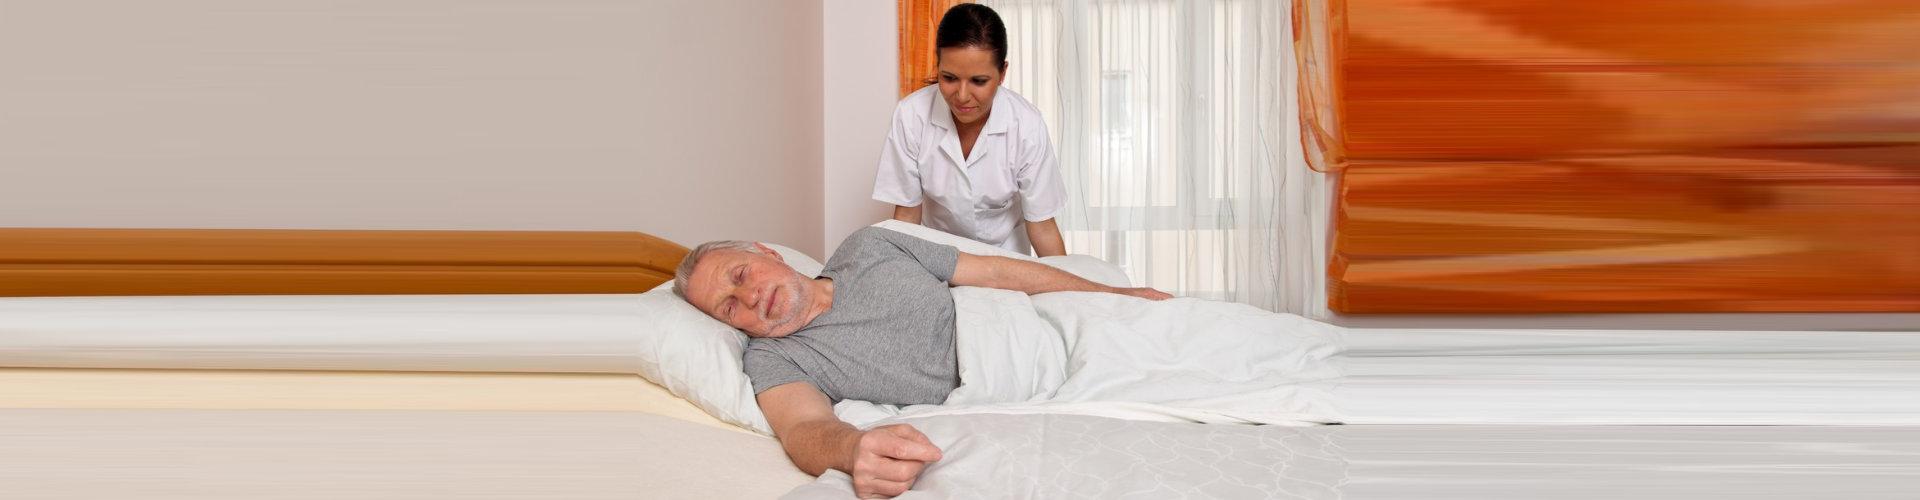 caregiver assisting elder man on bed